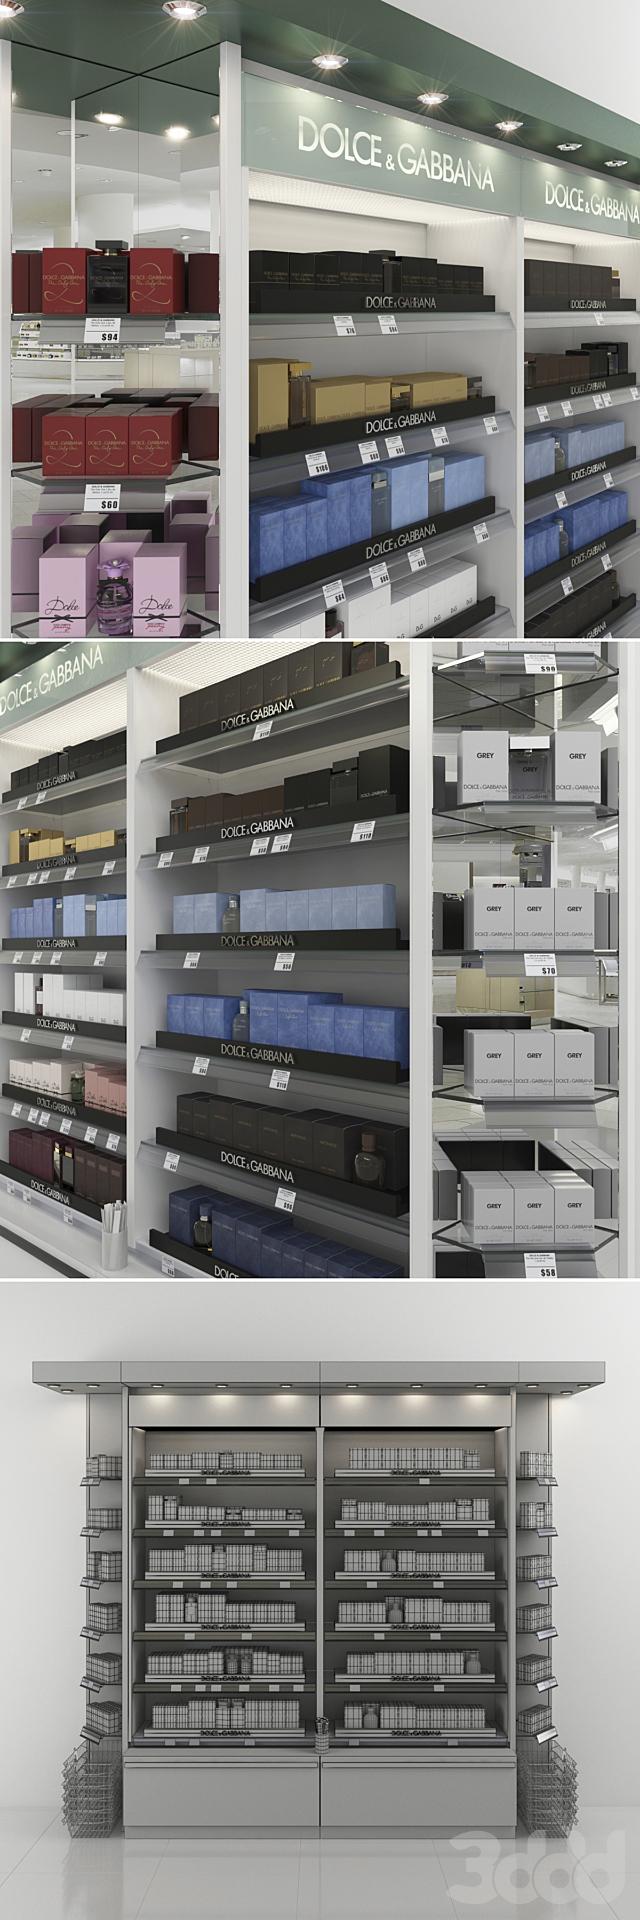 Торговый стеллаж с парфюмерией Dolce & Gabbana